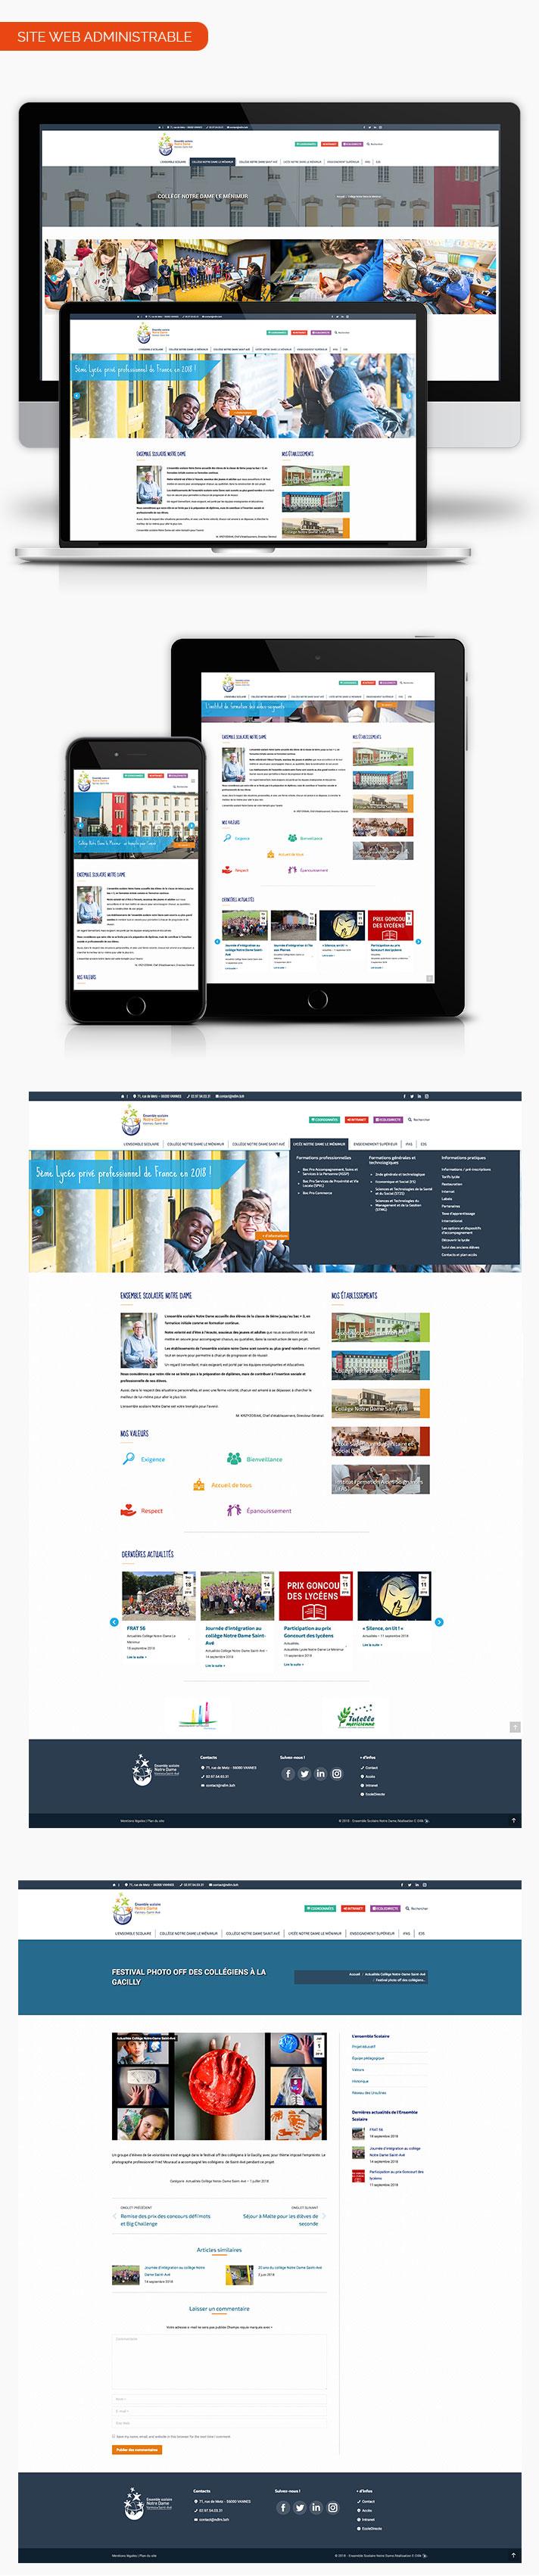 Mockup site internet Ensemble Scolaire notre Dame